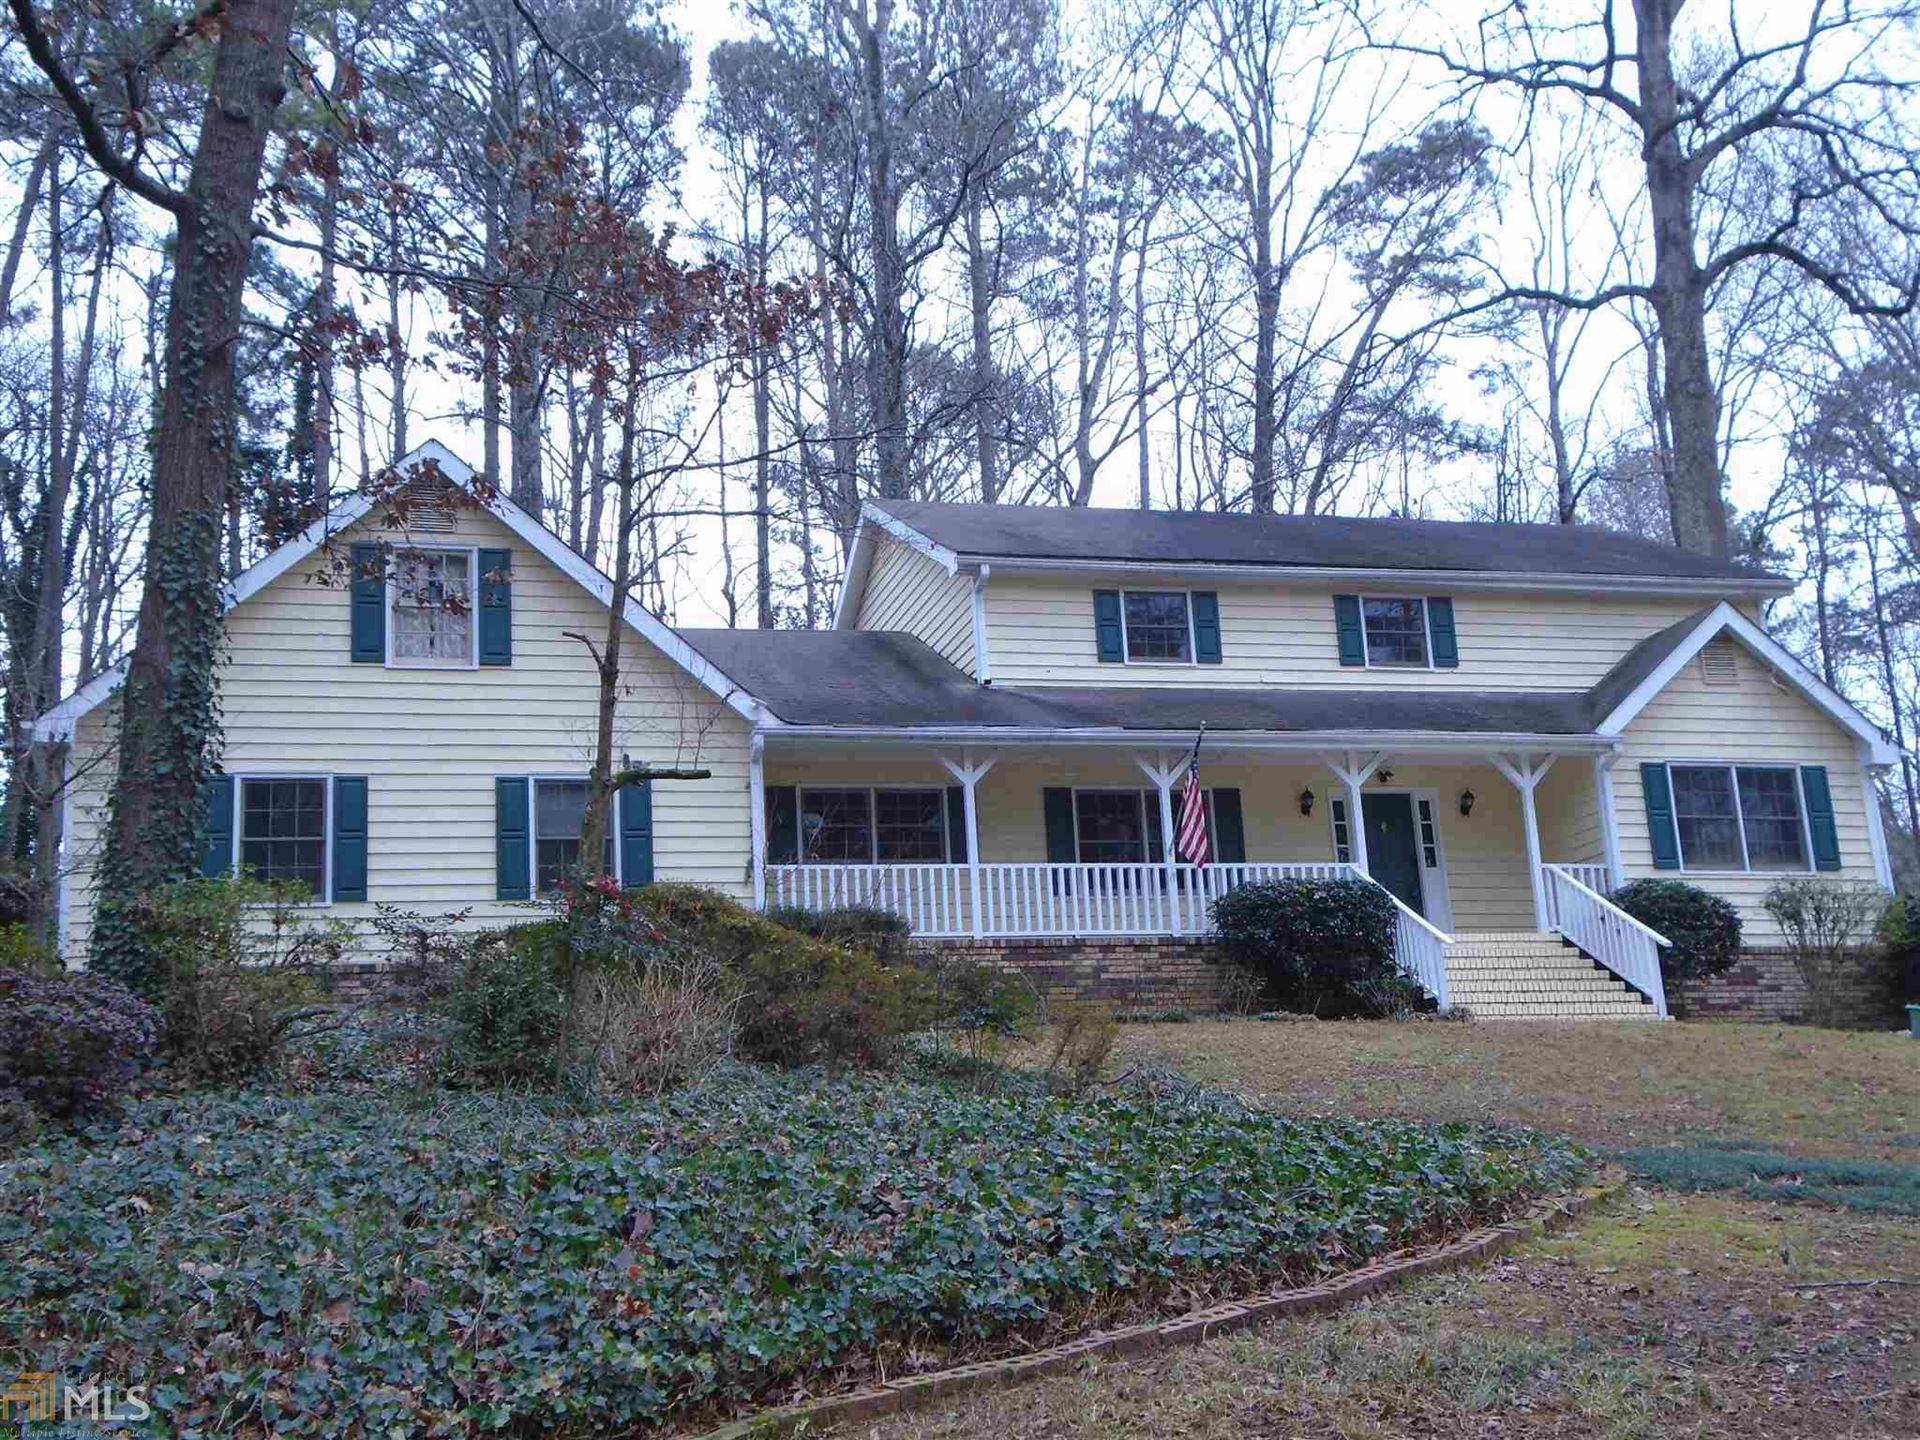 7688 Ciboney Dr, Jonesboro, GA 30236 - #: 8911310